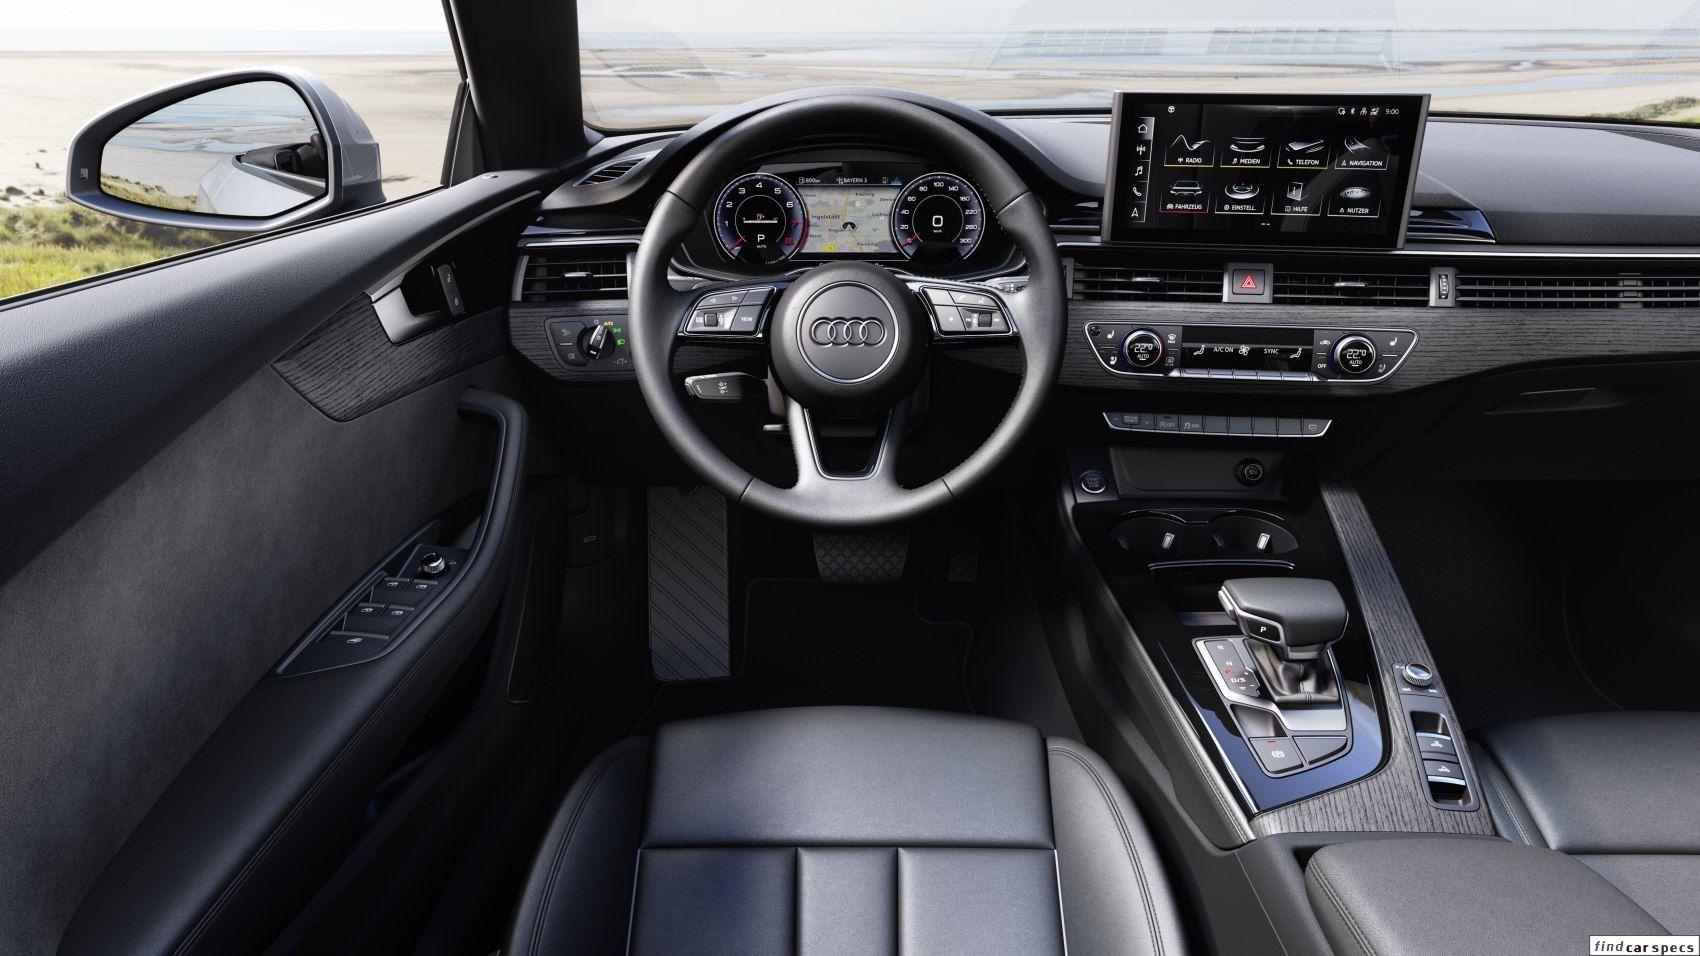 Audi A5 A5 Cabriolet 9t Facelift 2020 40 Tdi 190 Hp Quattro S Tronic Diesel 2019 A5 Cabriolet 9t Facelift 2020 A5 Cabriolet Audi A5 Audi